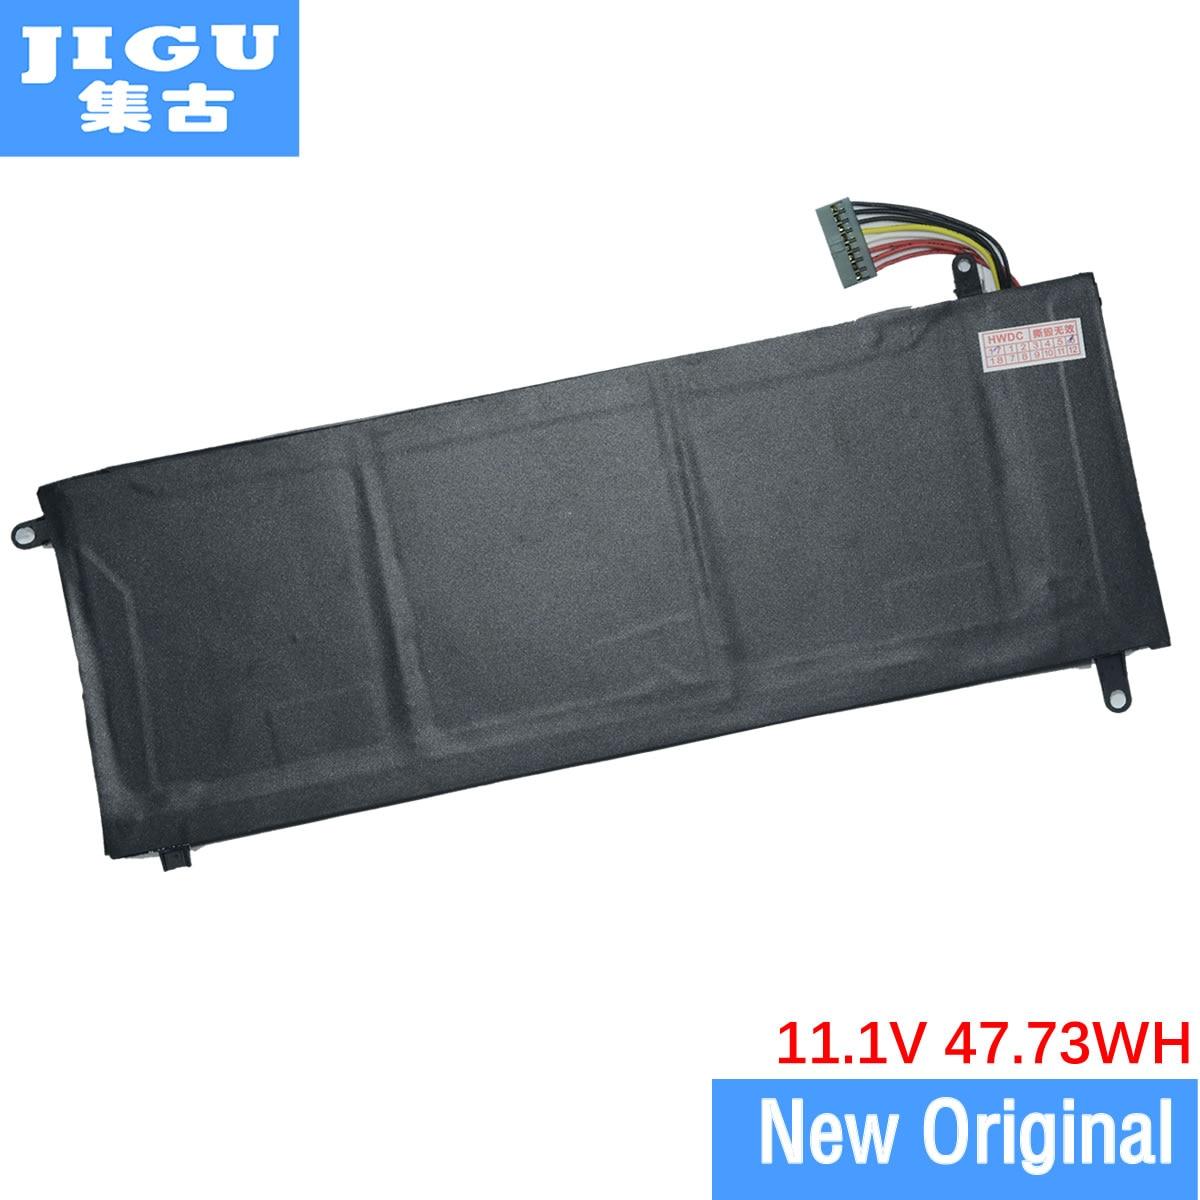 JIGU New 11.1V 4300mAh 47.73Wh Laptop Battery GNC-C30 961TA002F for GIGABYTE U2442 U24F P34G V2 High Quality gnc 300mg 100